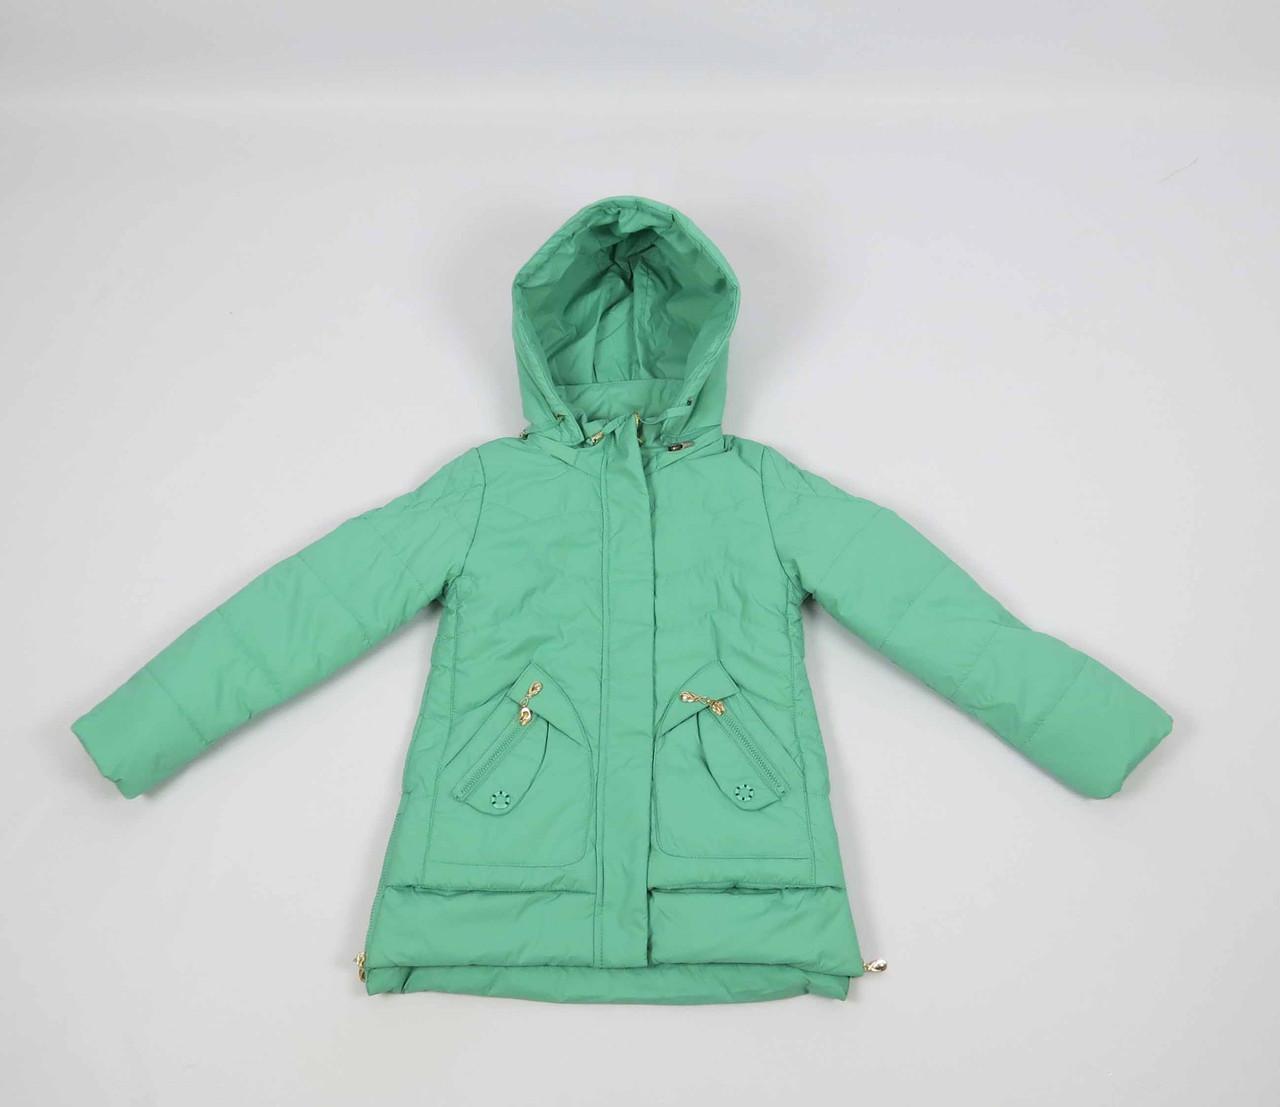 Куртка весна-осень, код КТ 17-16, размеры 122-146 (6-12 лет), цвет бирюза, фото 4